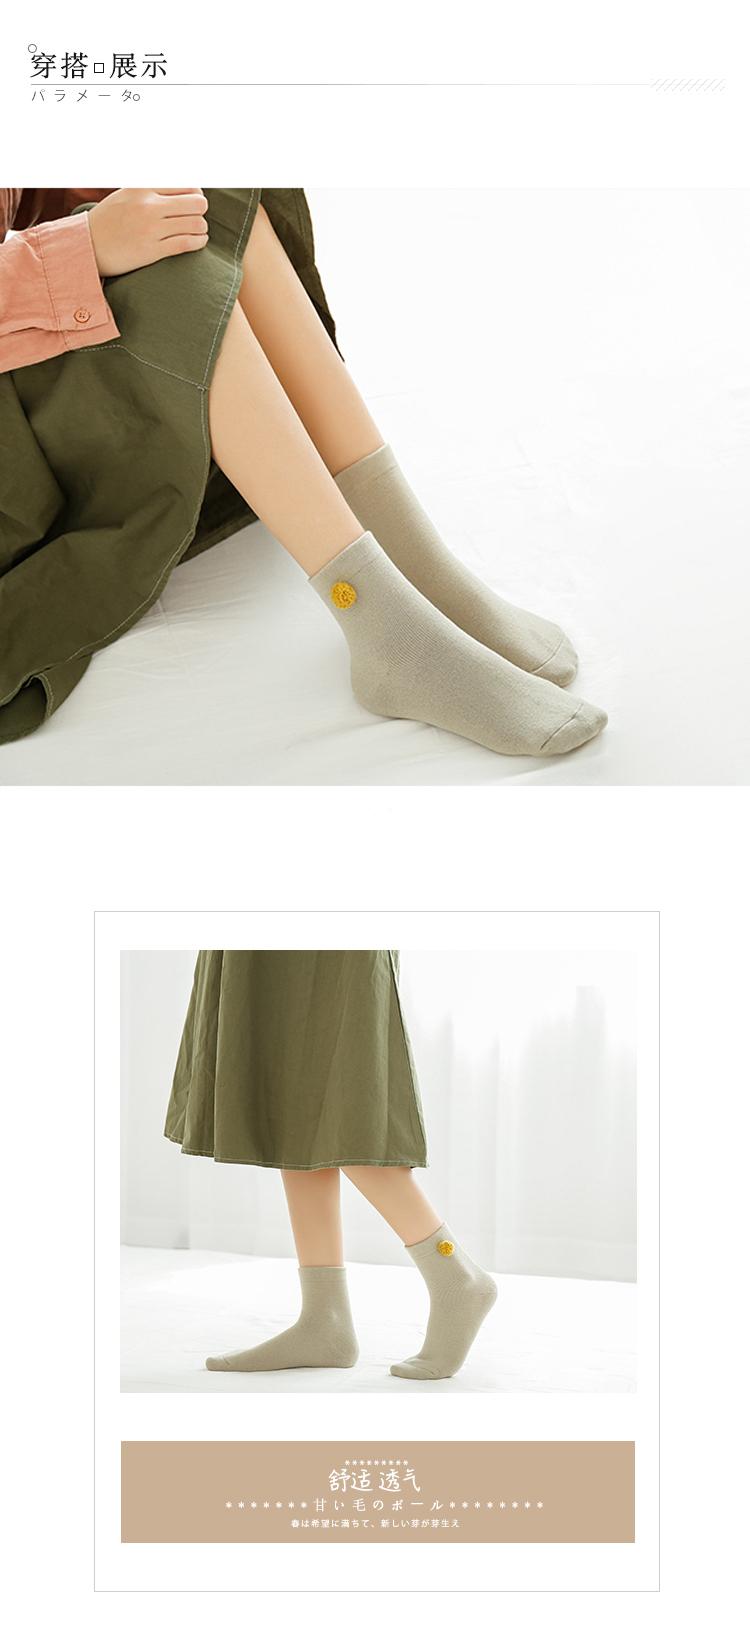 结婚用品 加厚保暖袜子纯棉产妇袜子女松口袜全棉吸汗透气棉袜